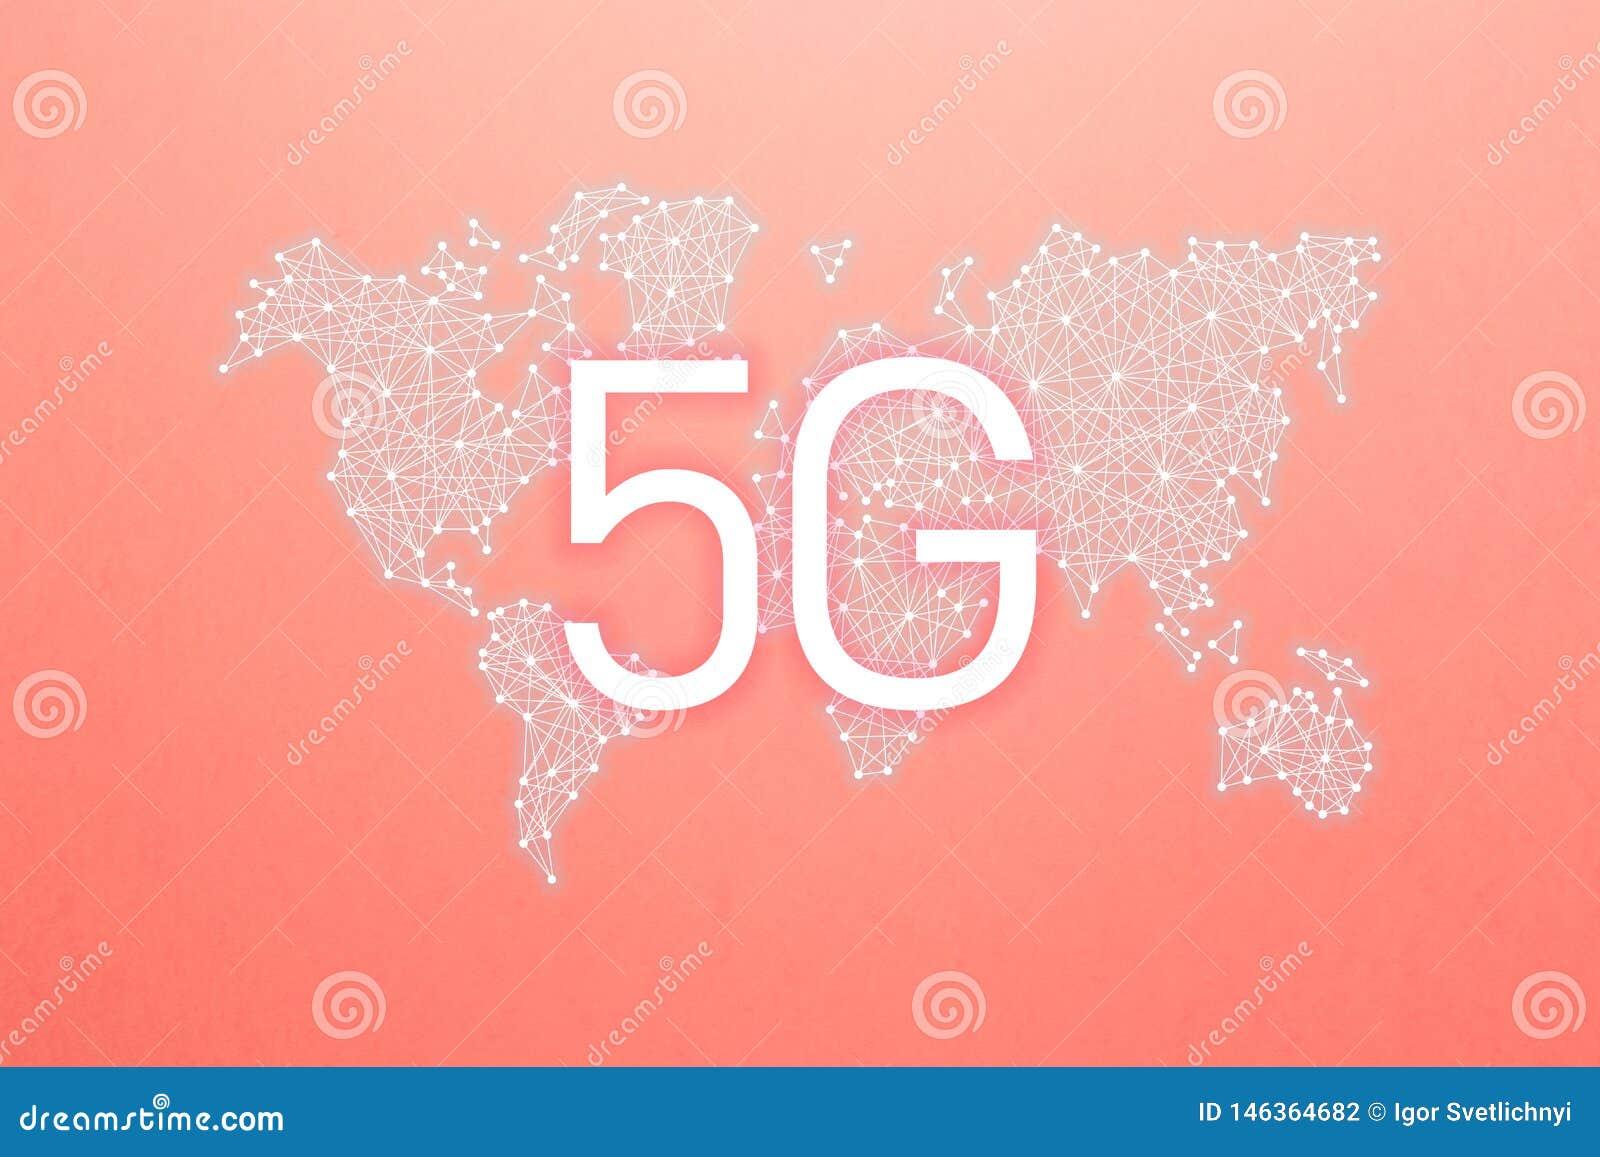 Παγκόσμια κοινότητα και δίκτυο 5G κινητή ασύρματη επιχειρησιακή έννοια Διαδικτύου δικτύων